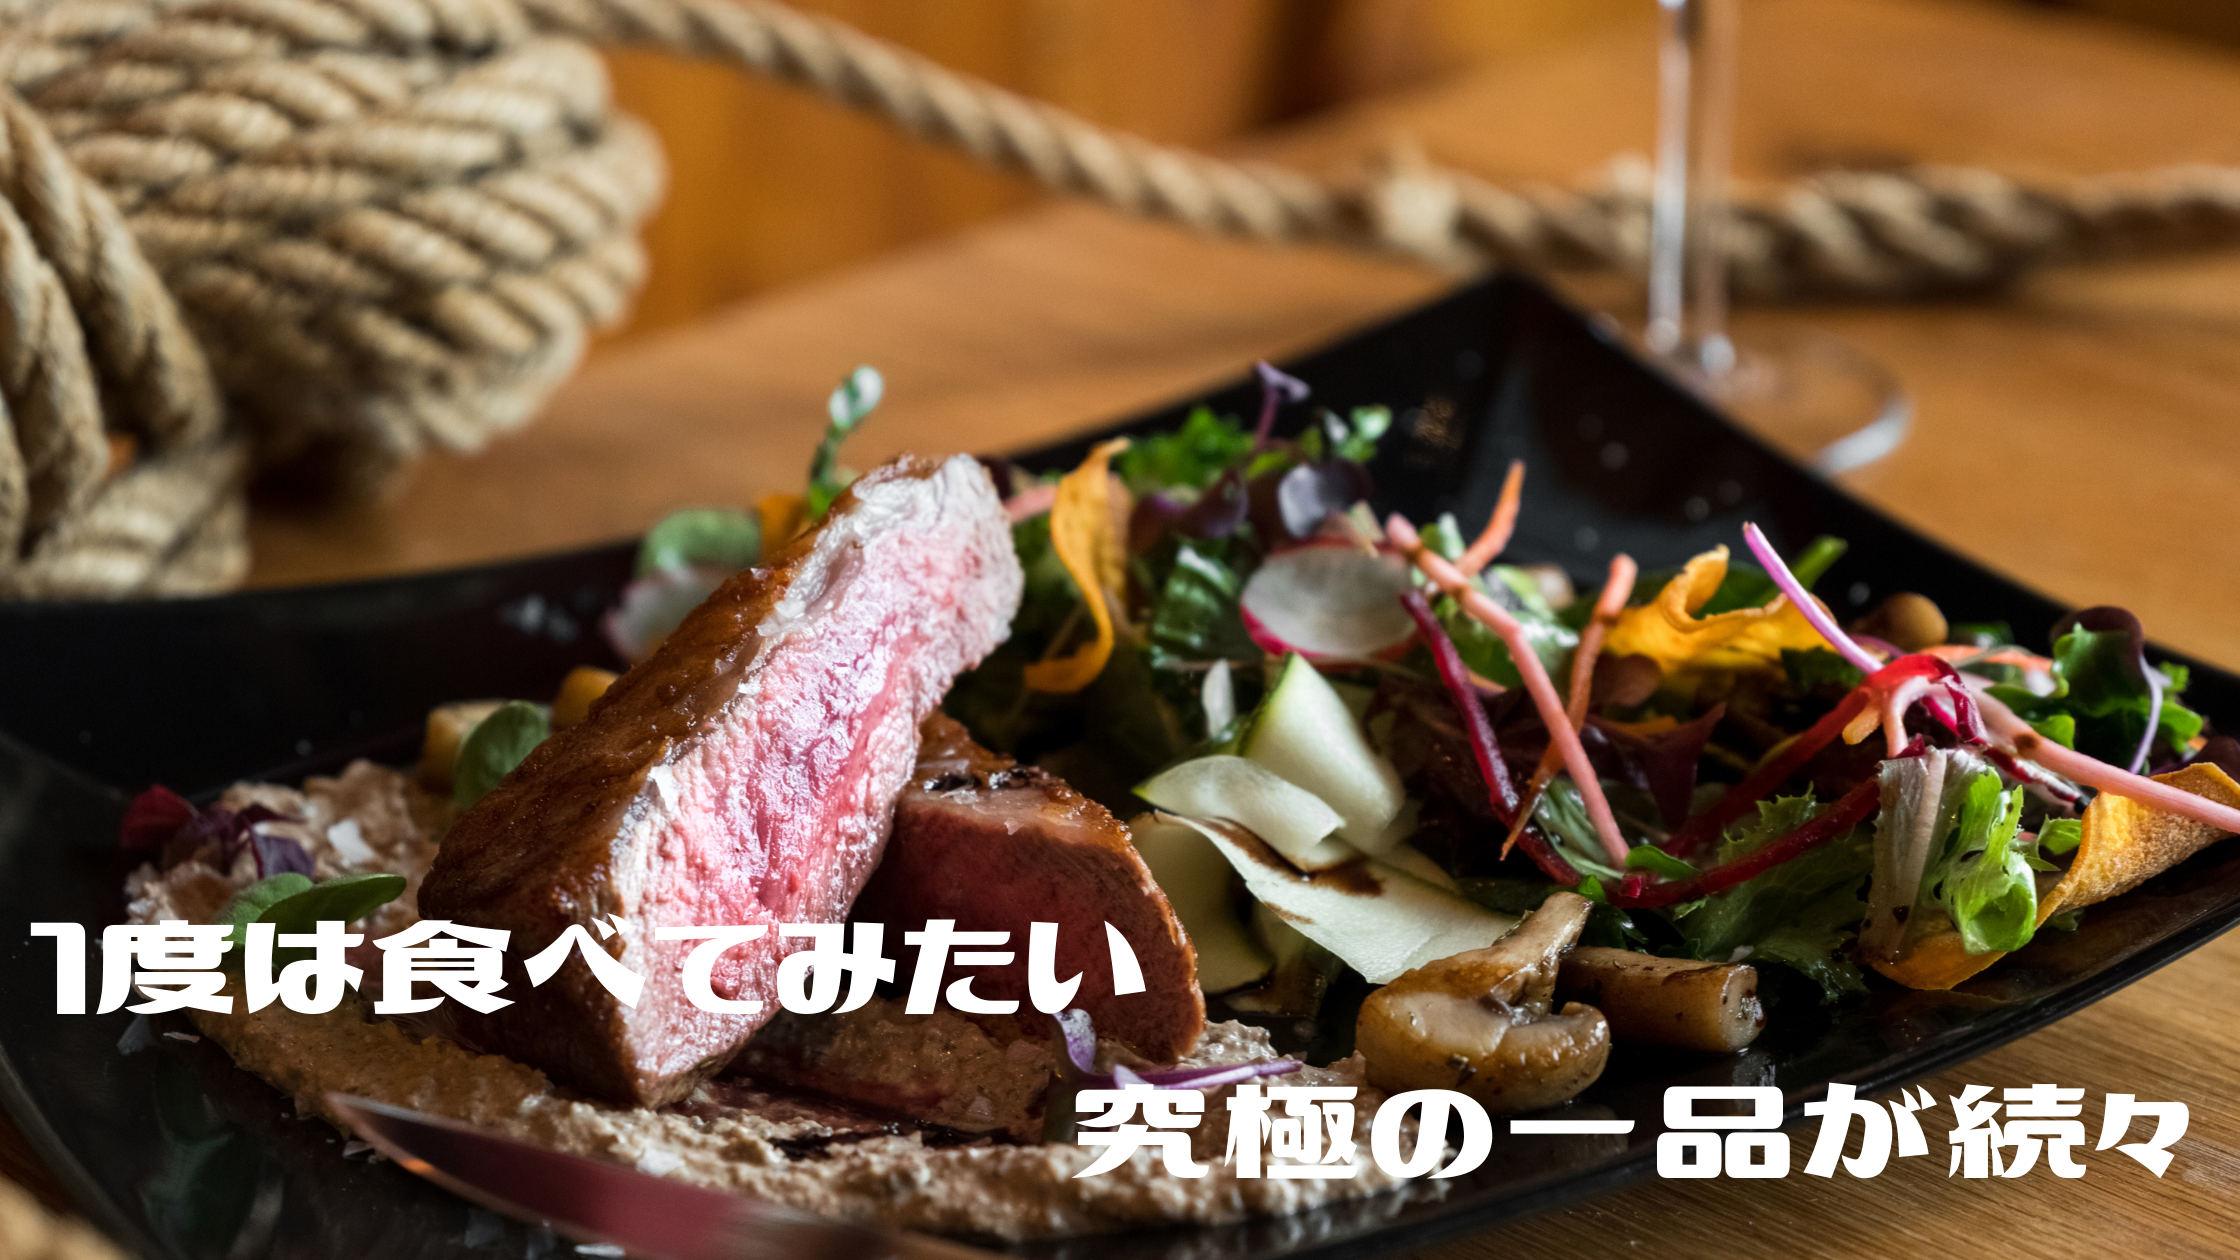 【日本人の3割しかしらないこと くりぃむしちゅーのハナタカ!】『鹿児島のサーロイン』『北海道のチーズ』『メロンよりも甘いサツマイモ』日本一に選ばれた食材が続々